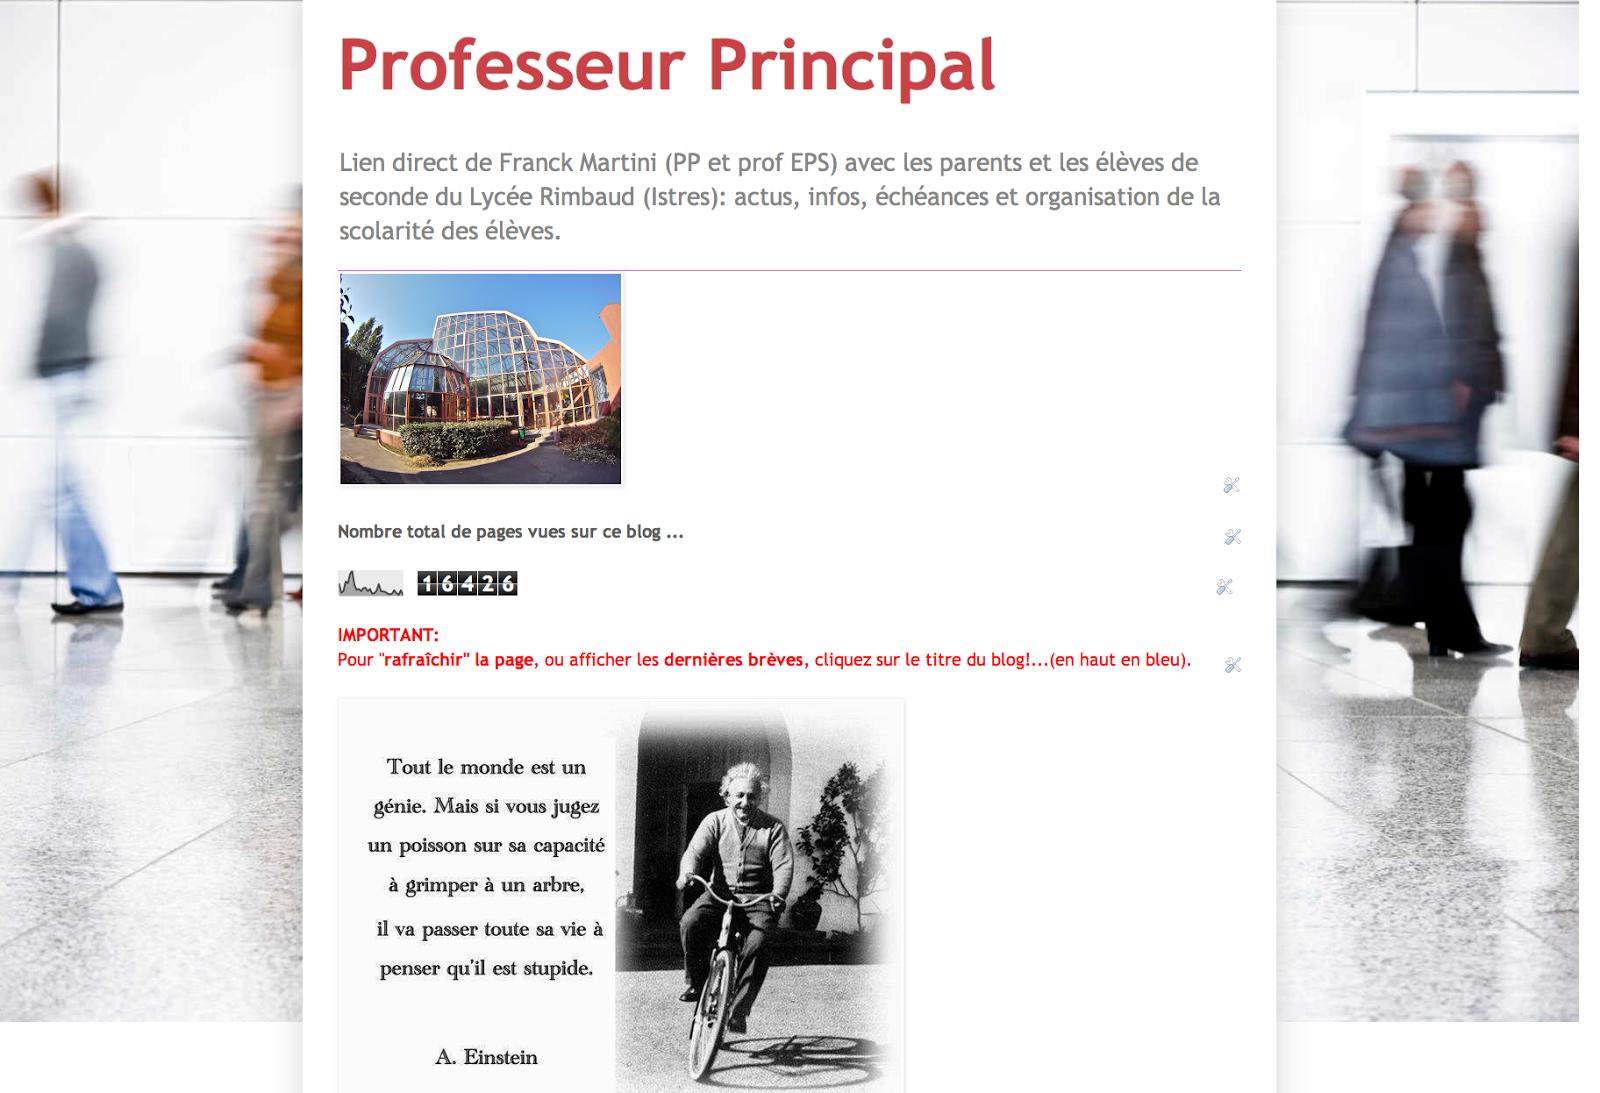 Le Blog Prof Principal de Franck Martini